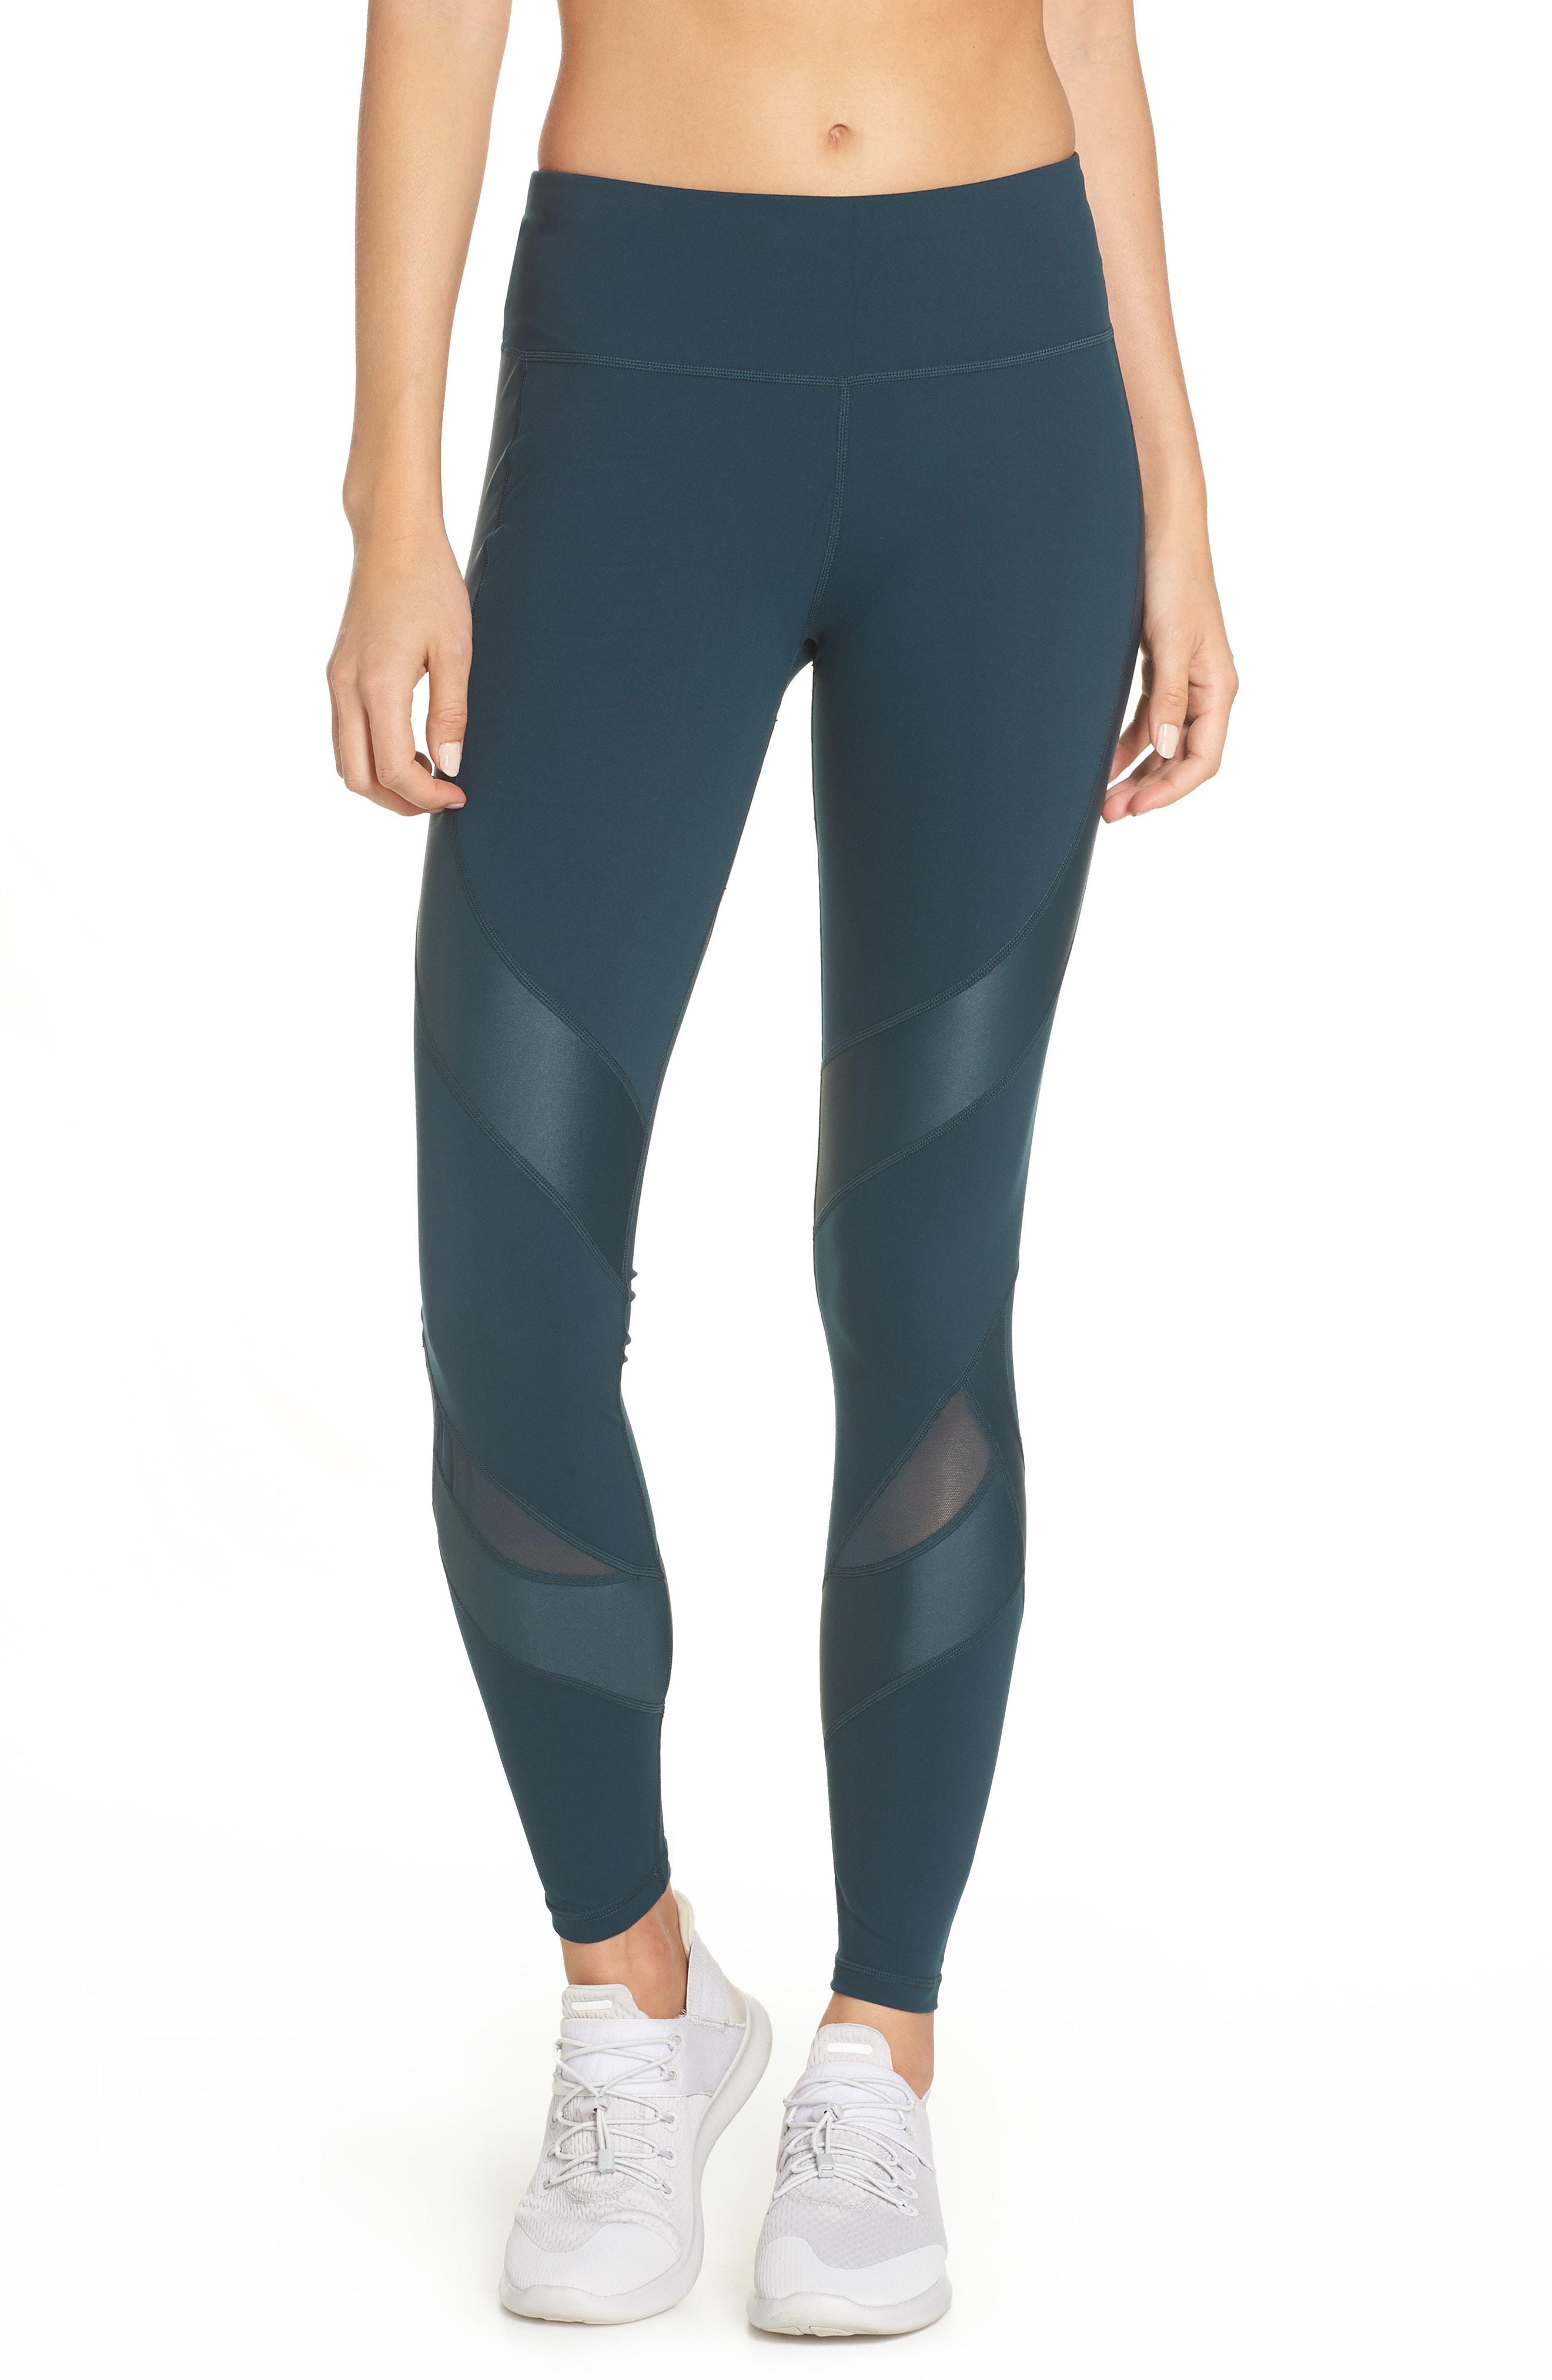 Sweaty Betty Power Wetlook Mesh Workout Leggings